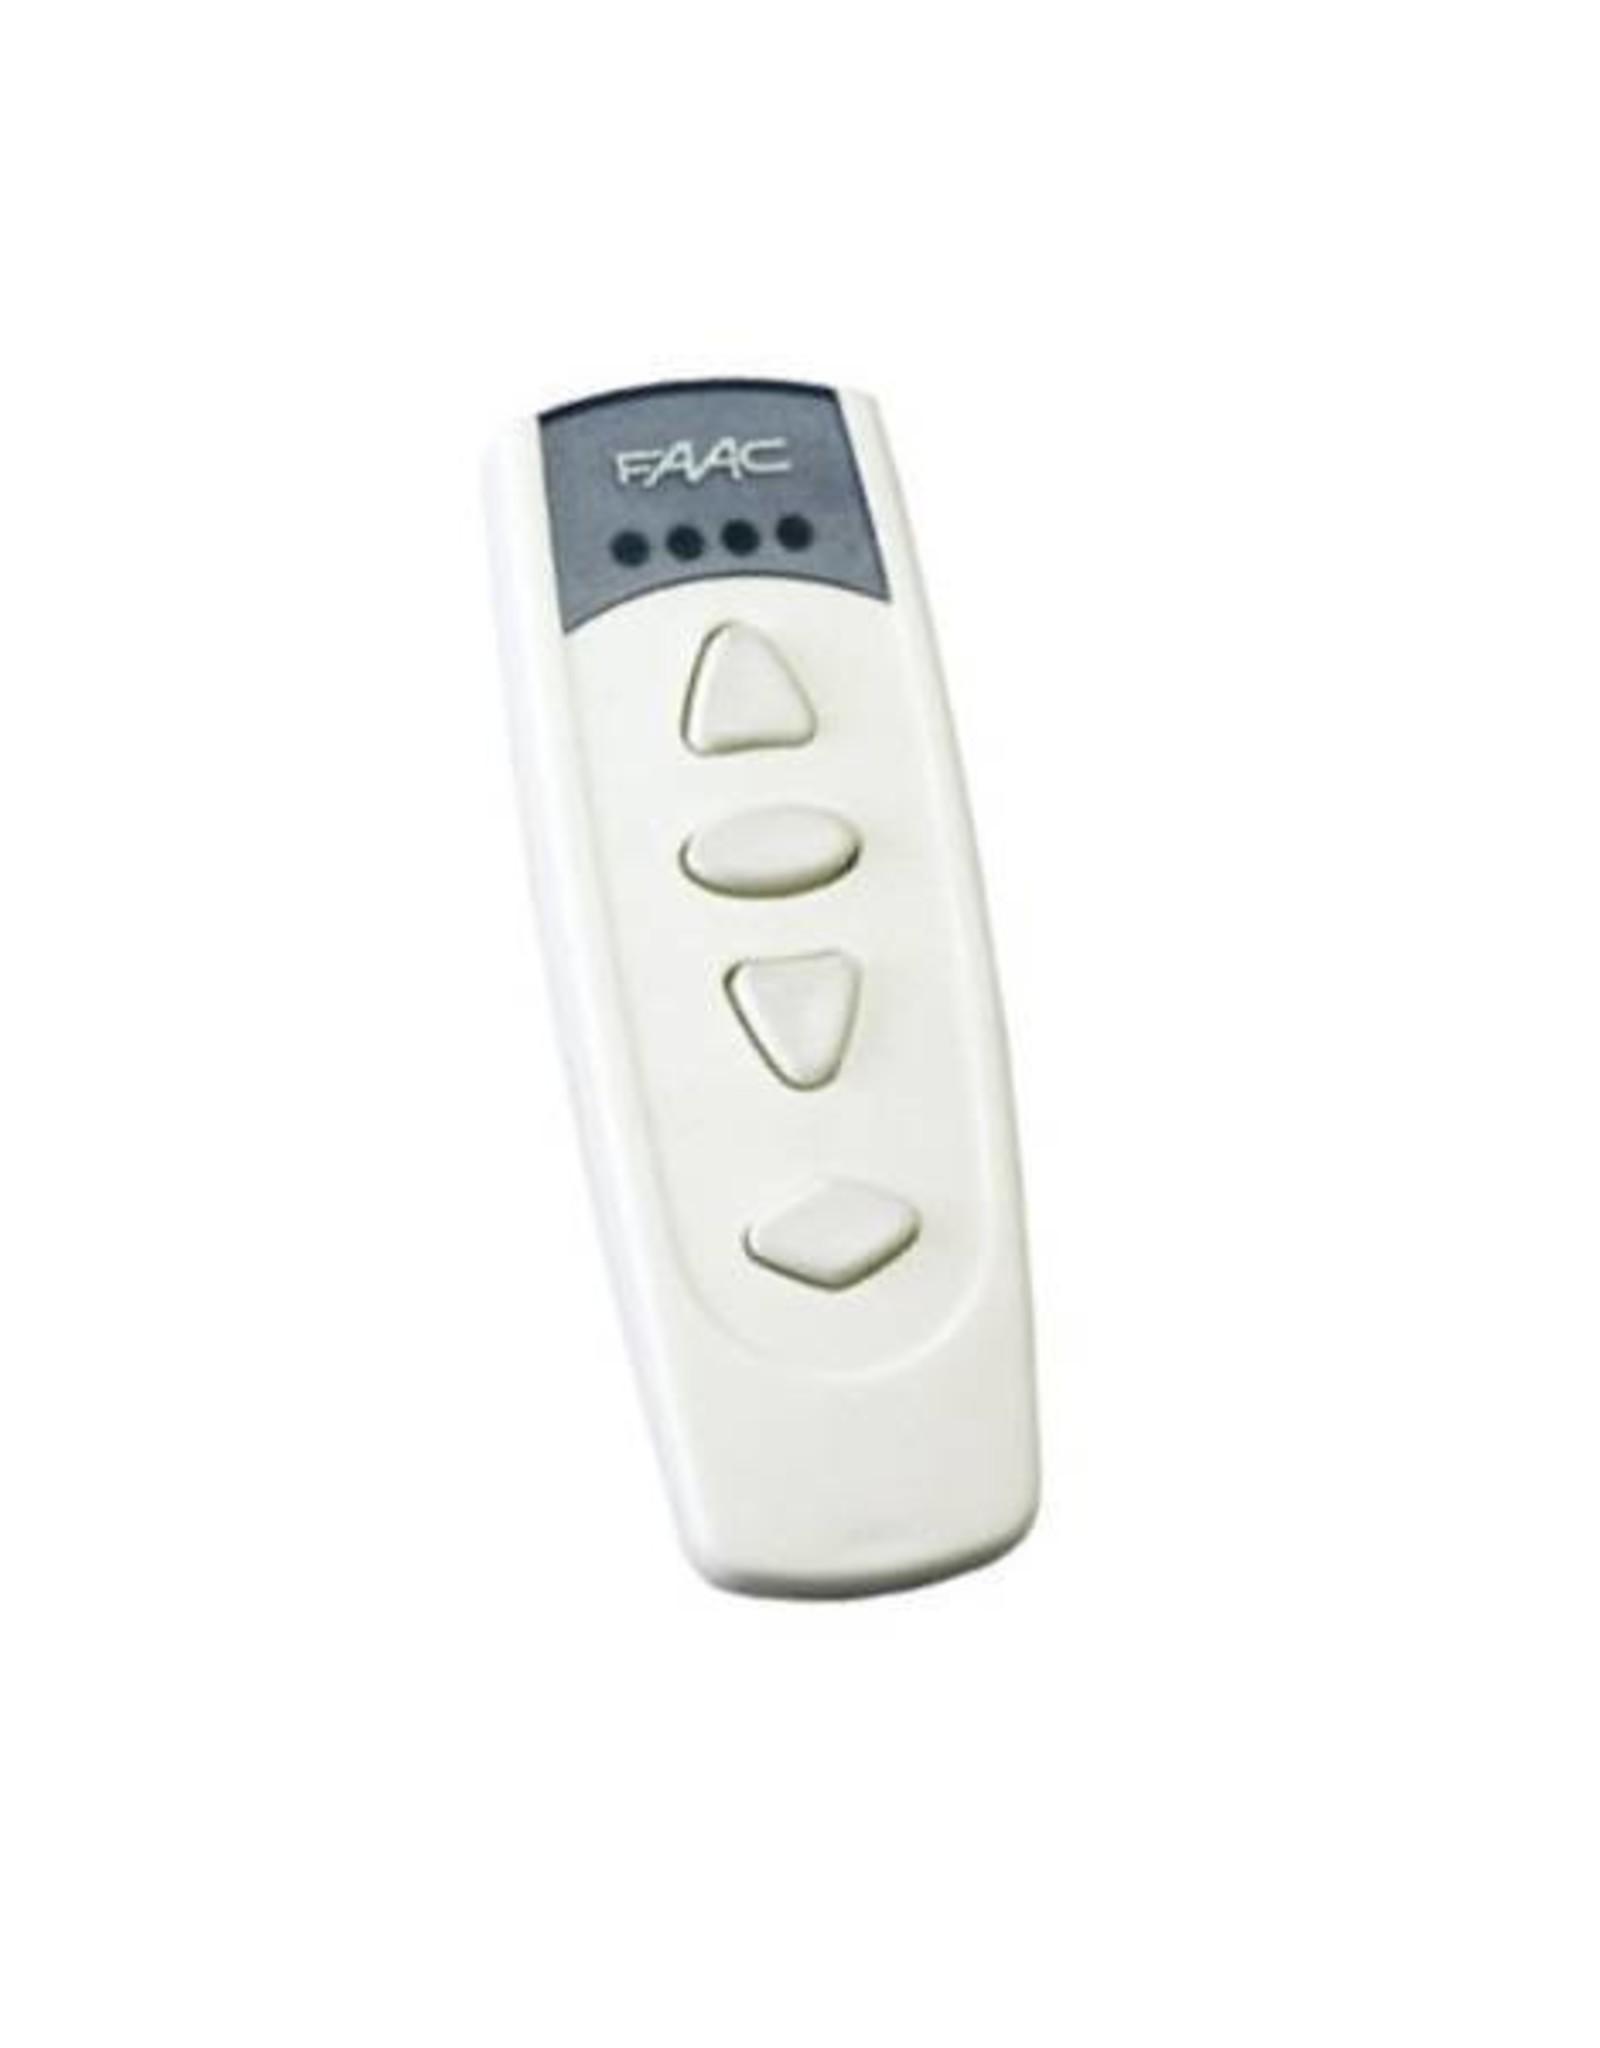 Faac Faac TM XT4 868 handzender 4-kanaals